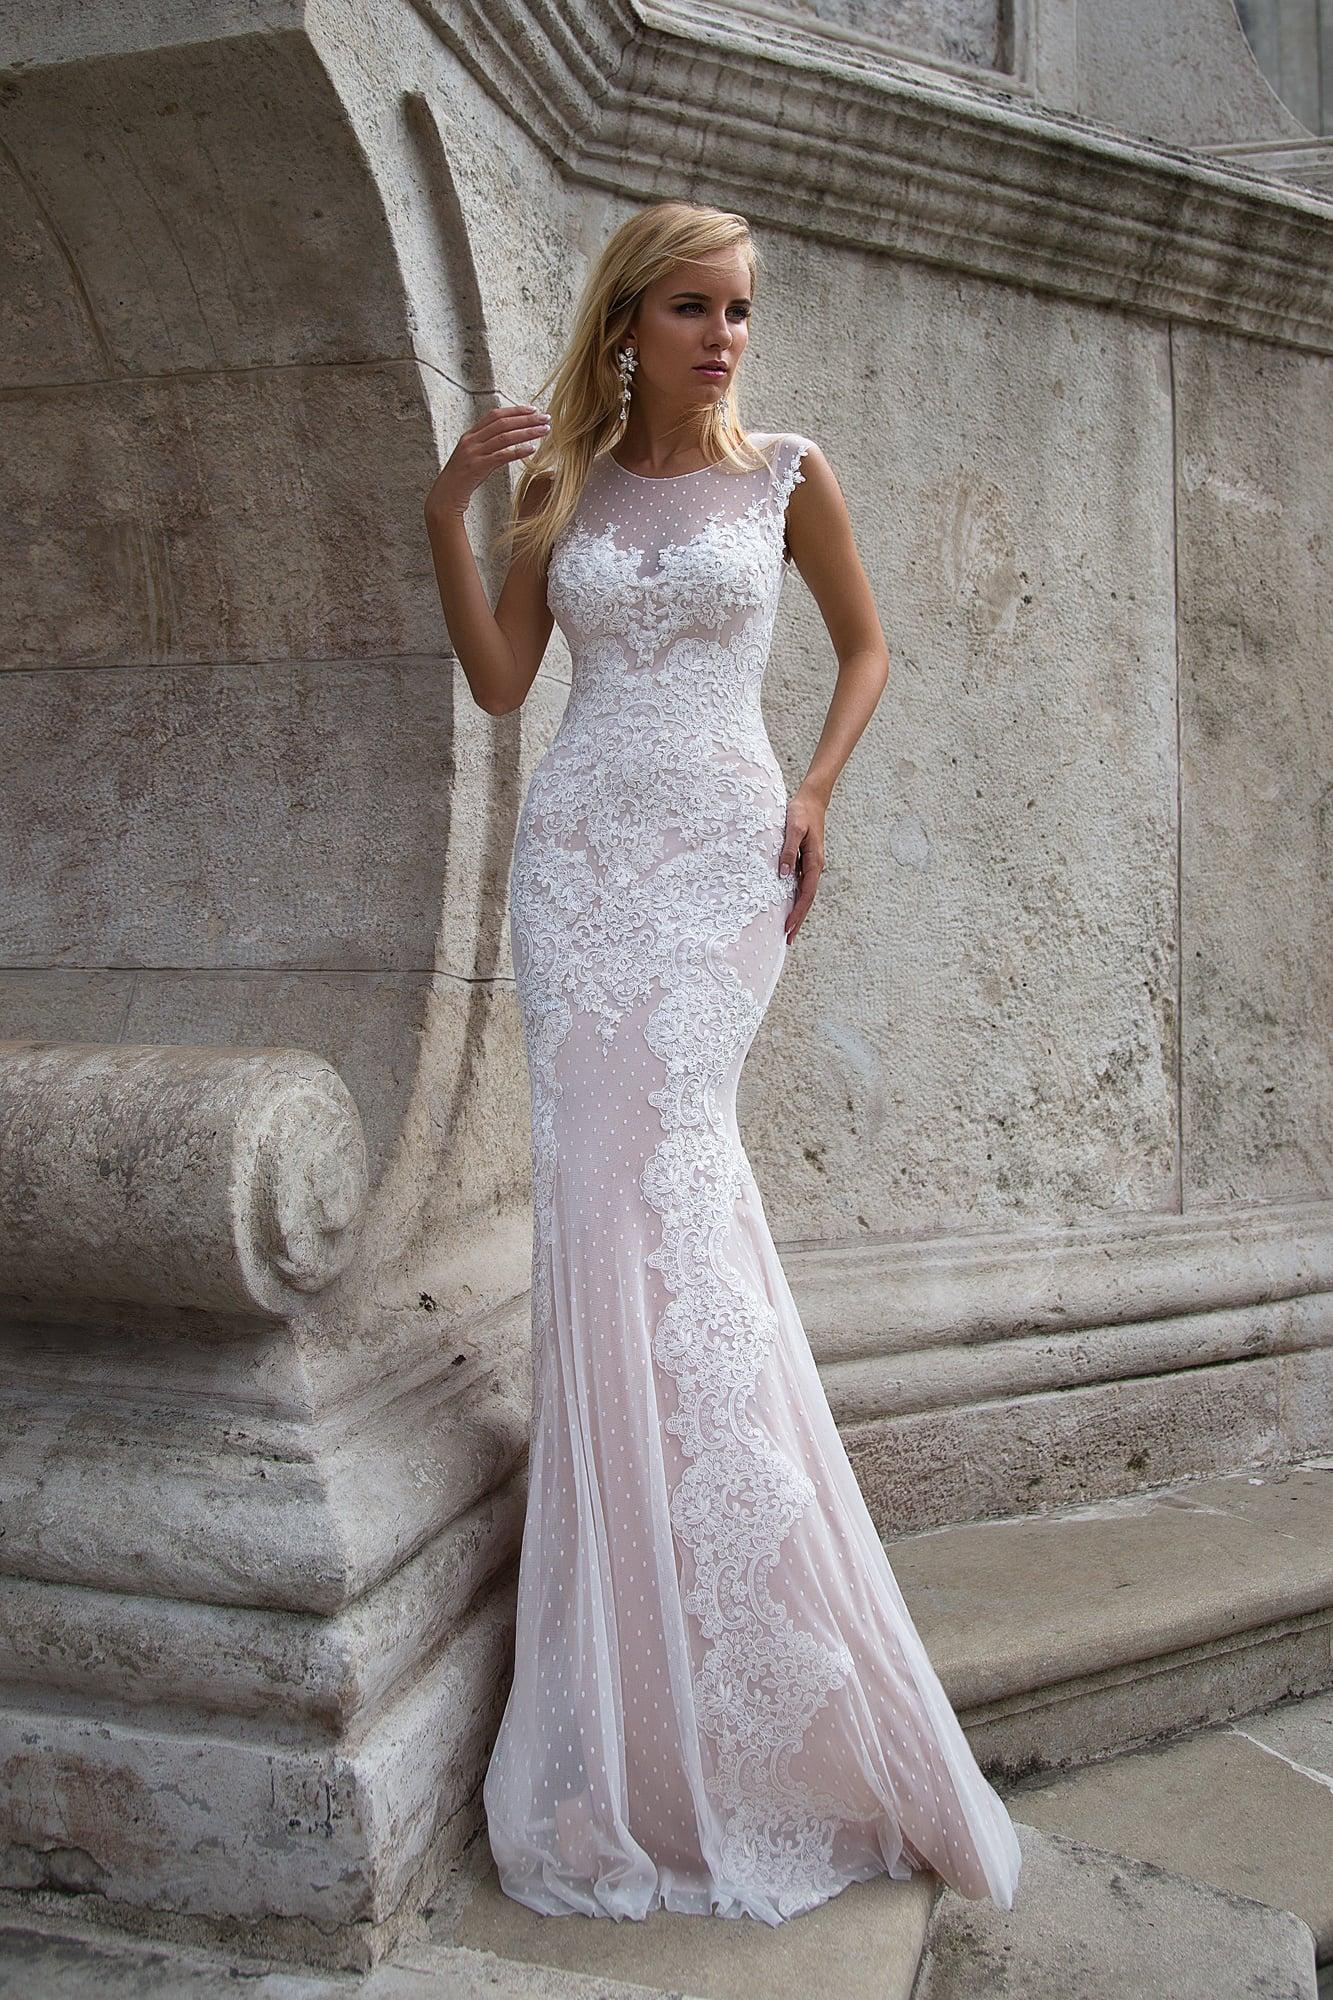 Облегающее свадебное платье с бежевой подкладкой и плотным кружевным декором.